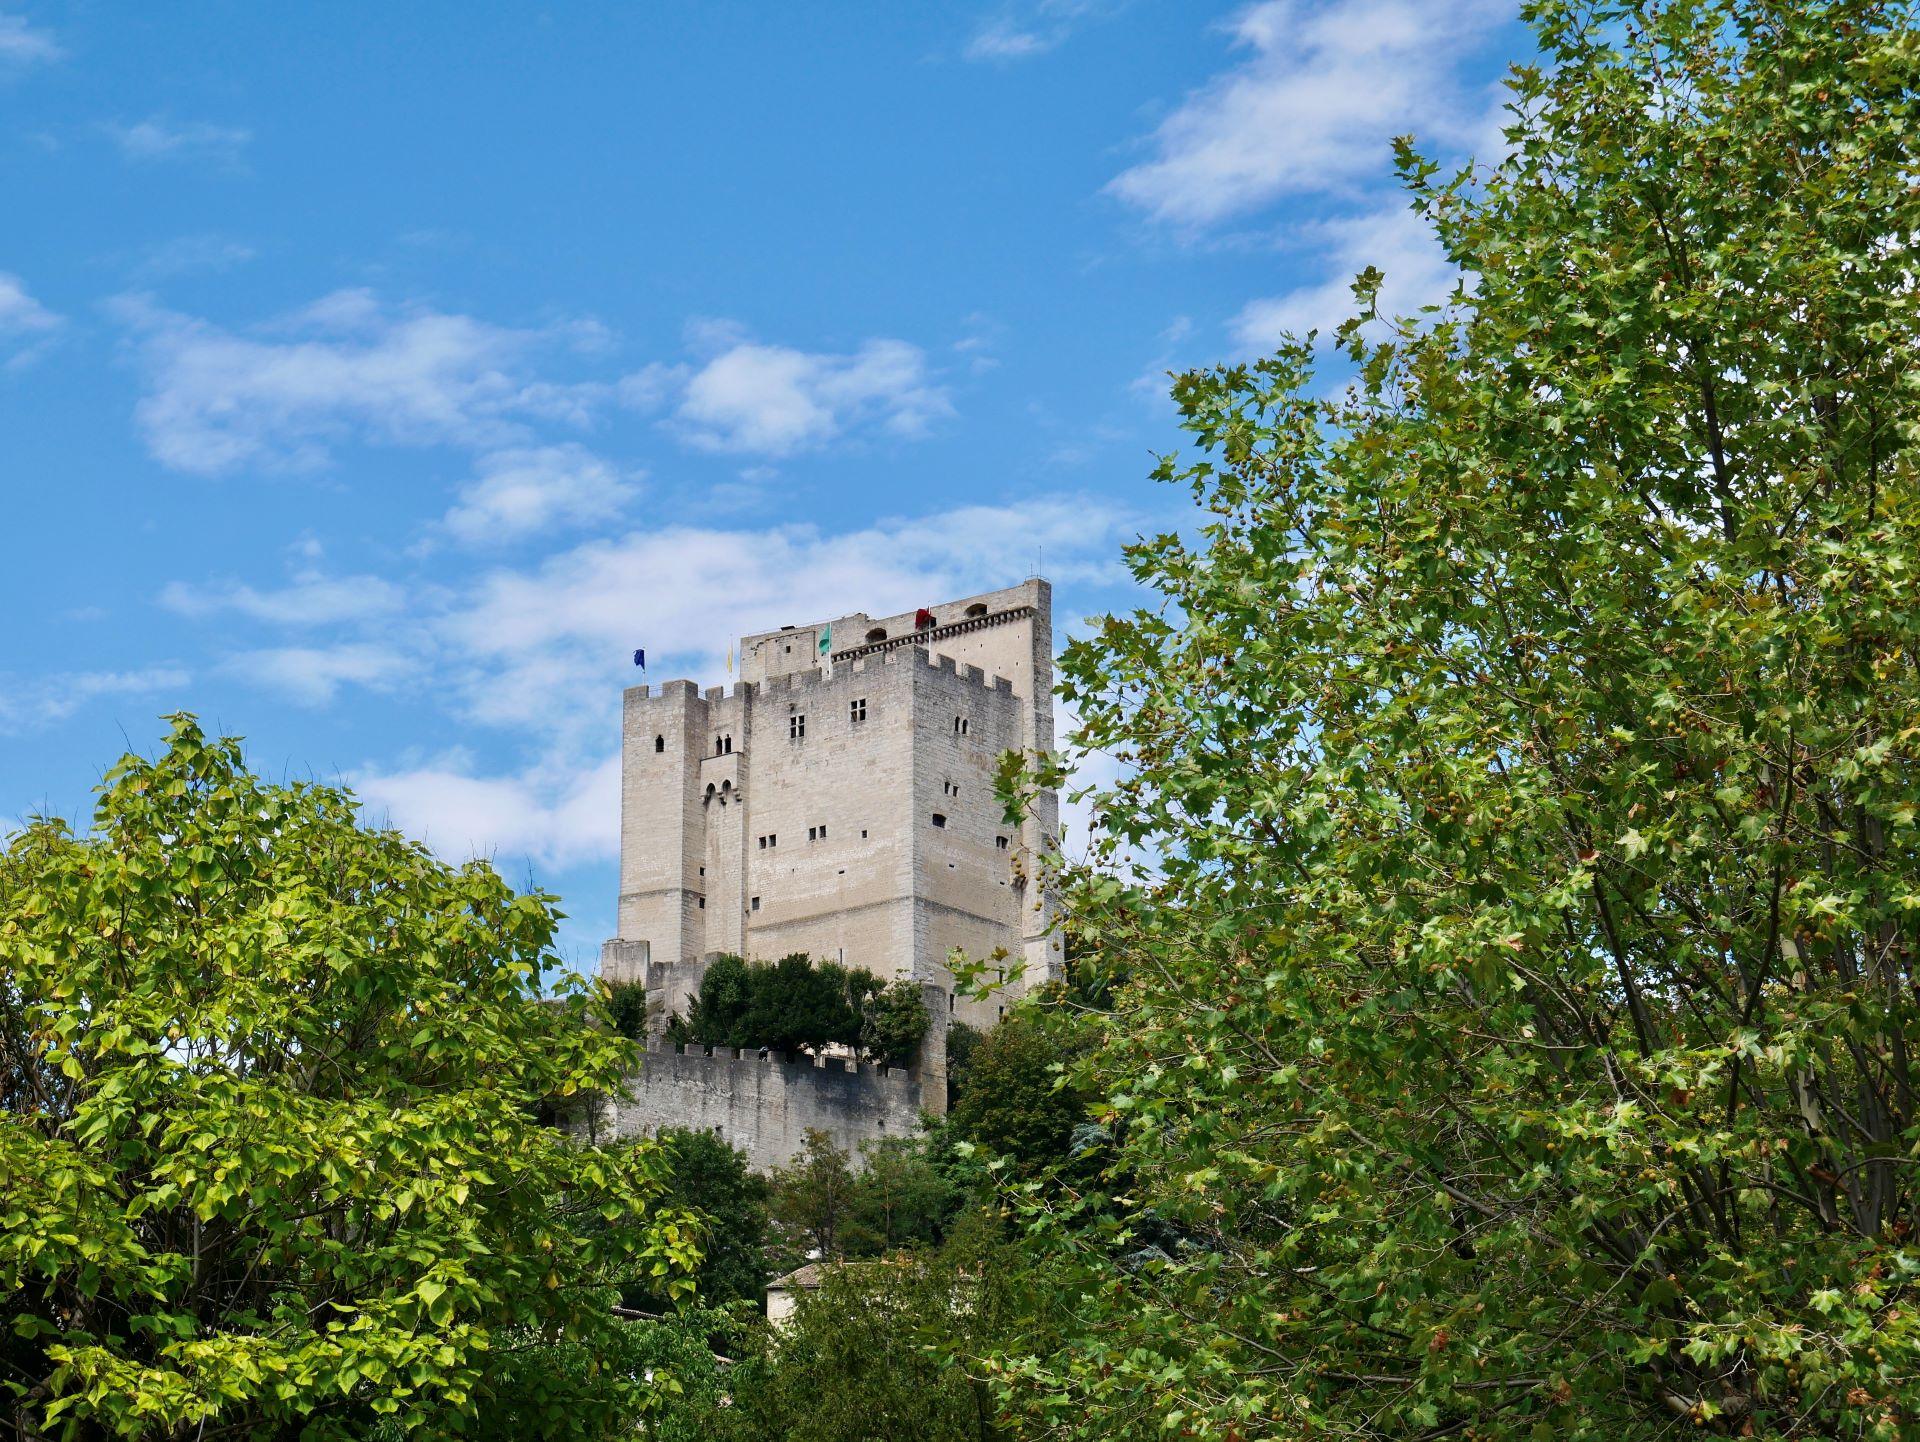 Week-end les pieds dans l'eau autour de Crest : La Tour et la vieille ville 2 sur 4